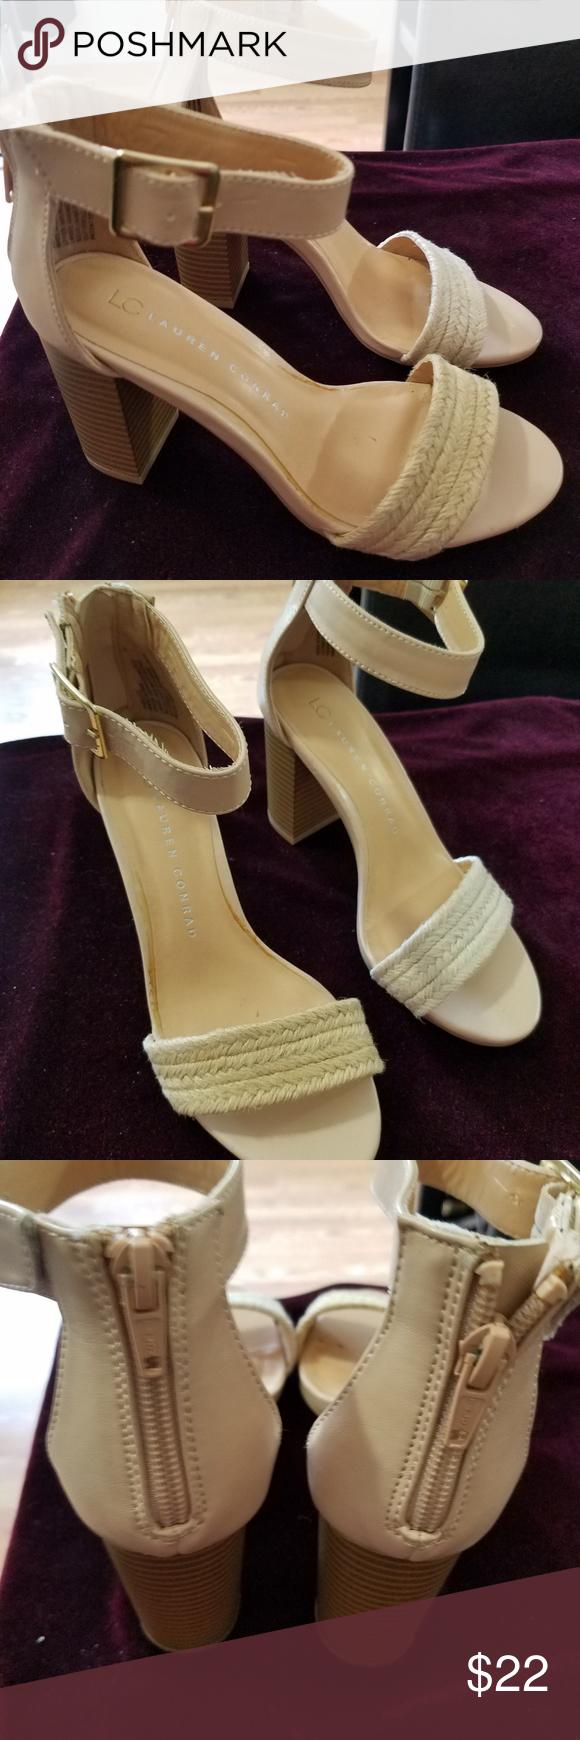 LC Lauren Conrad Womens Woven High Heel Sandals